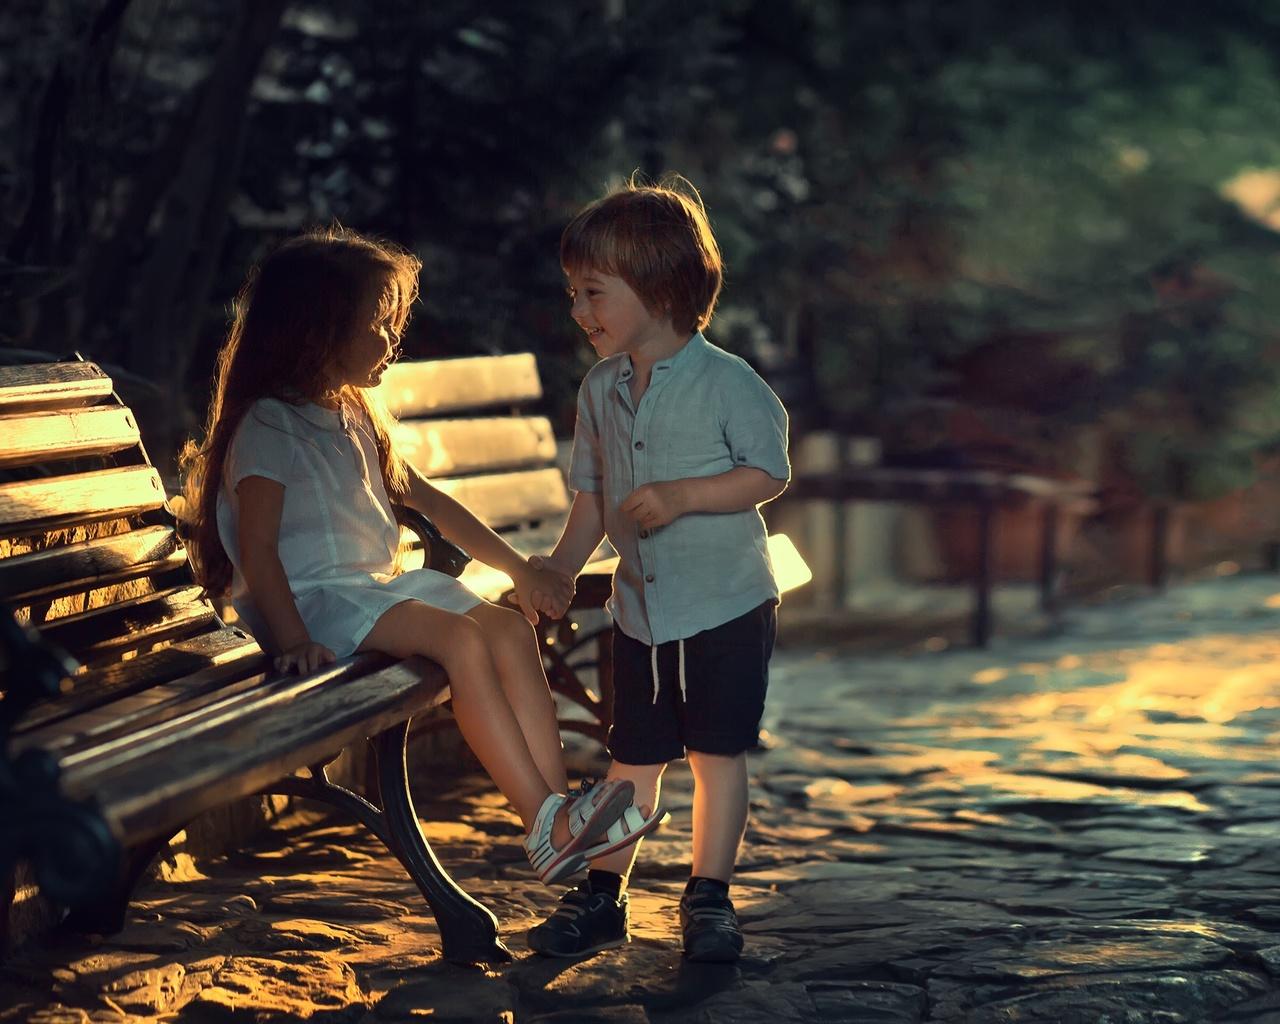 скамейка, дети, улица, вечер, мальчик, девочка, парочка, марианна смолина